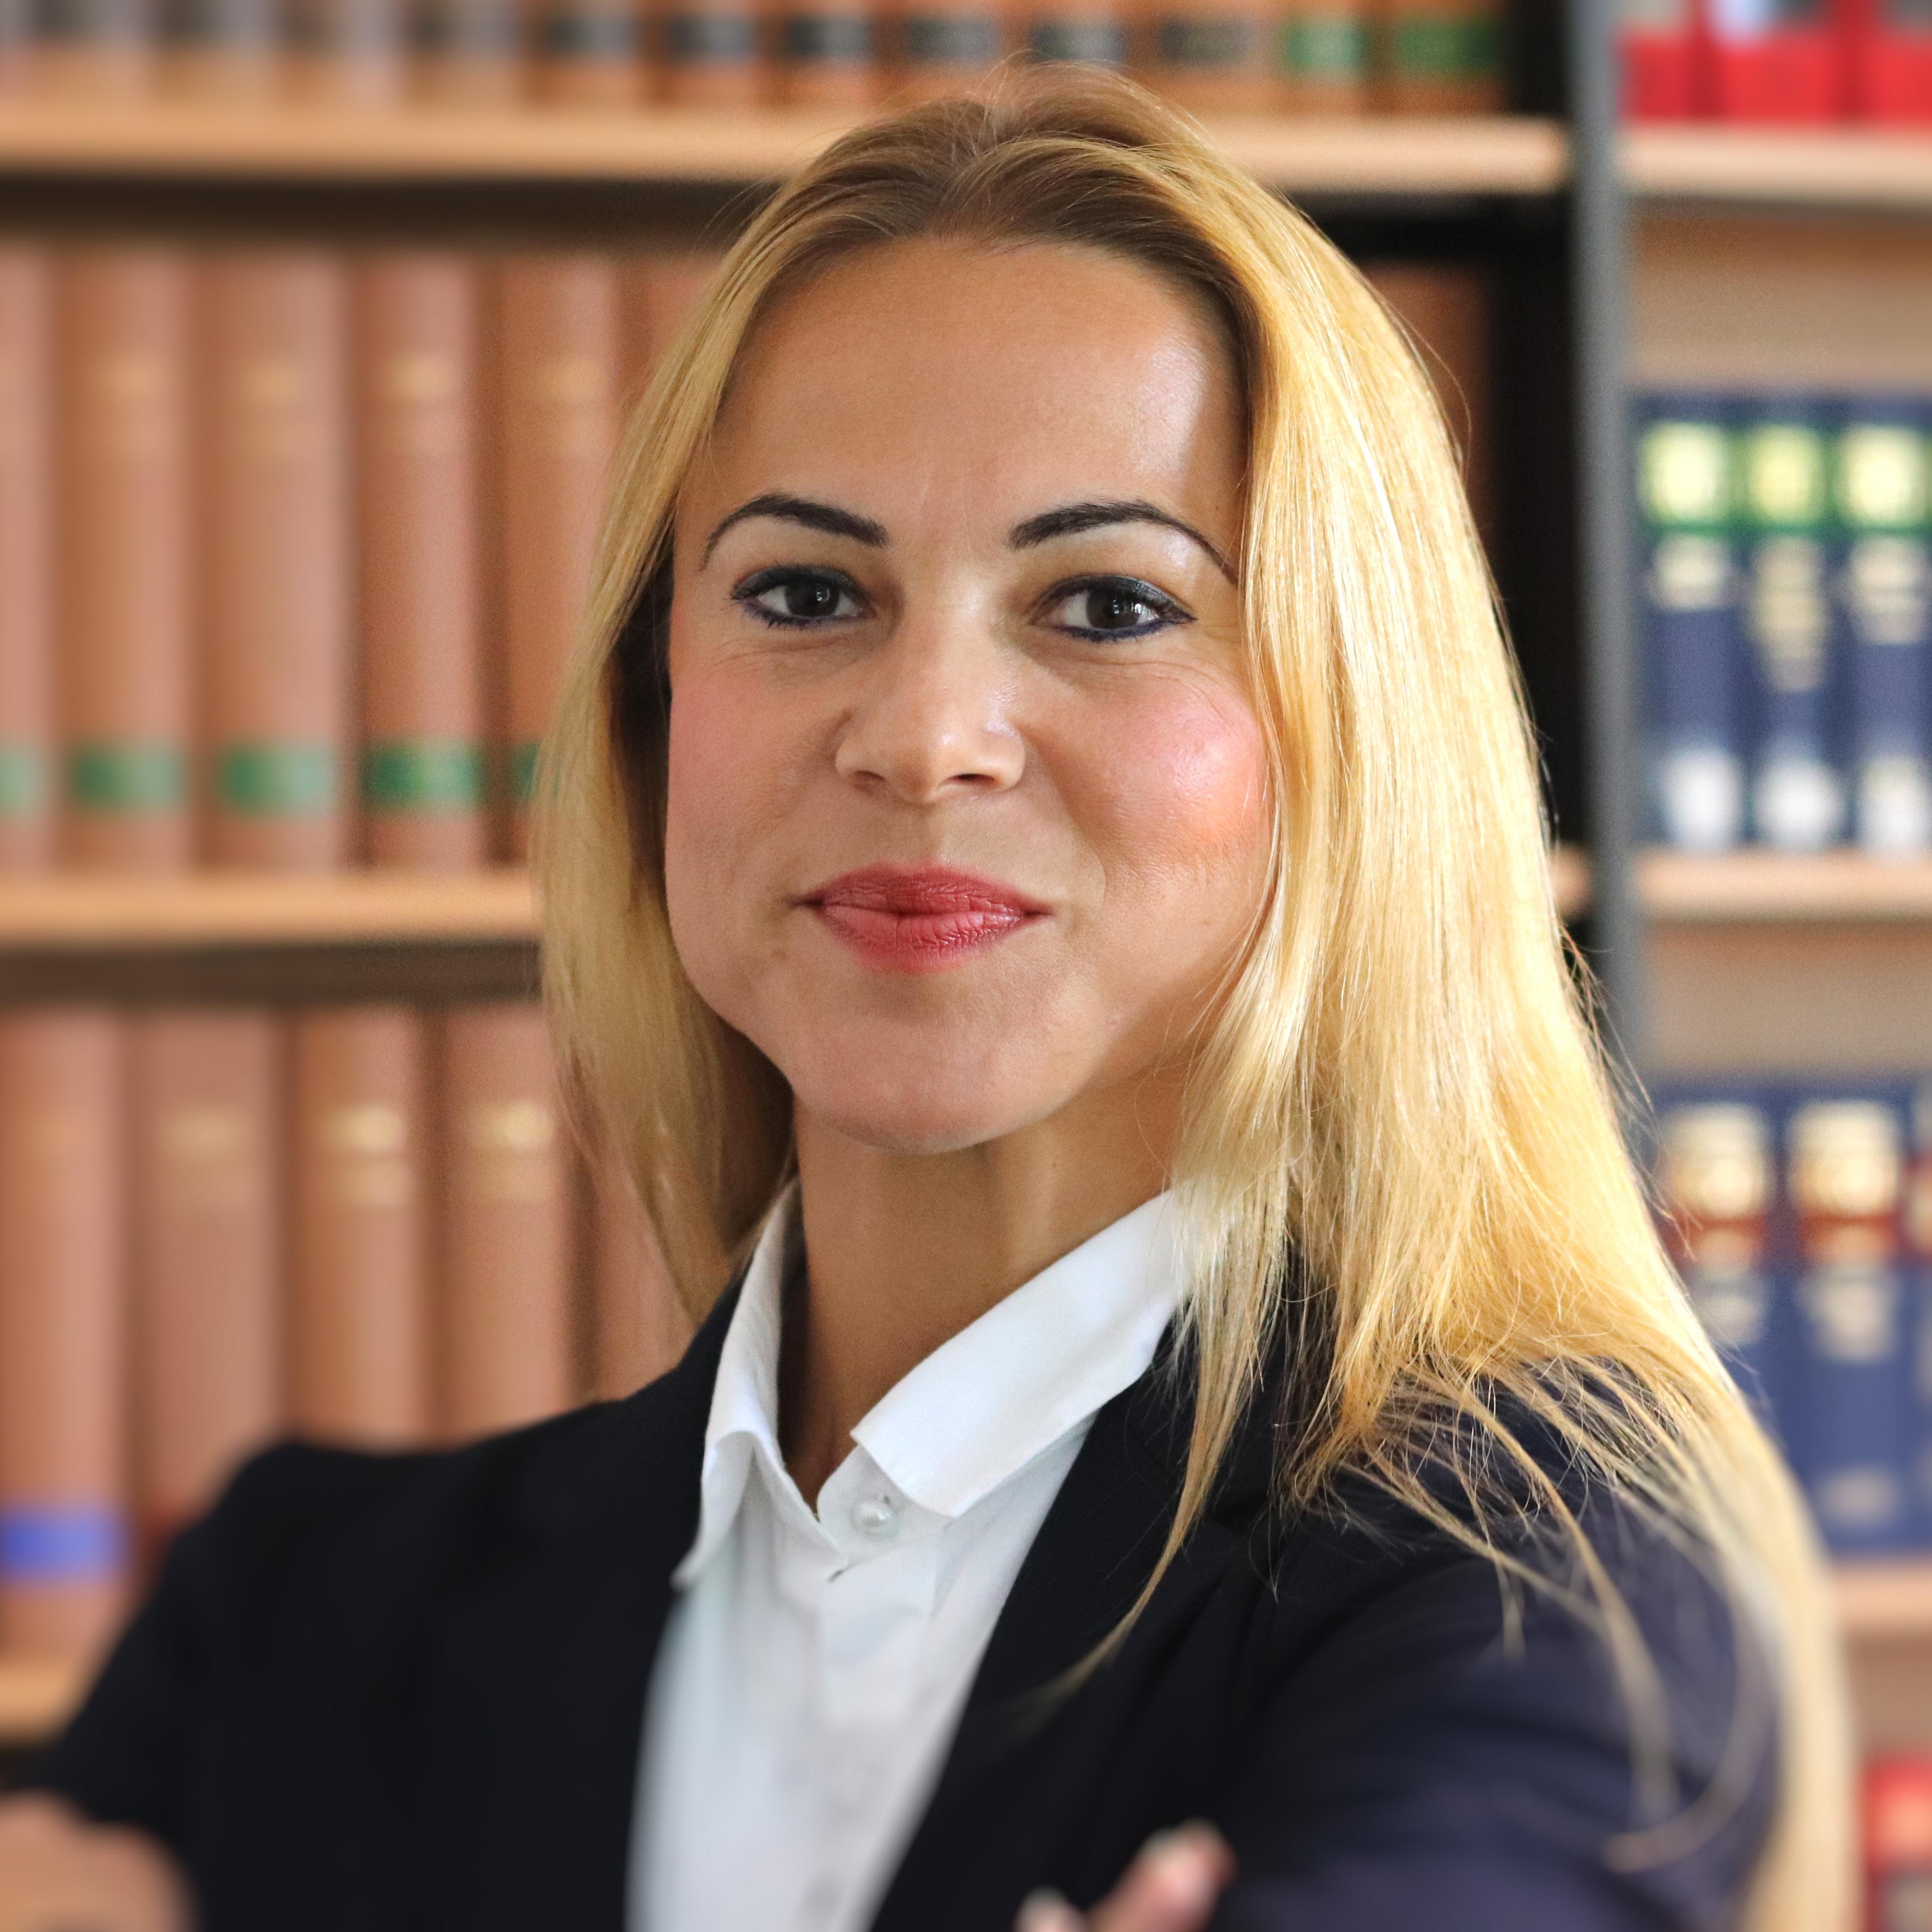 Mandy Hawelka – Rechtsanwältin für Familienrecht, Erbrecht, Arbeitsrecht und Wohnraummietrecht in Leipzig, Ihre Spezialistin für Scheidung Unterhalt Umgangsrecht Trennung Ehevertrag